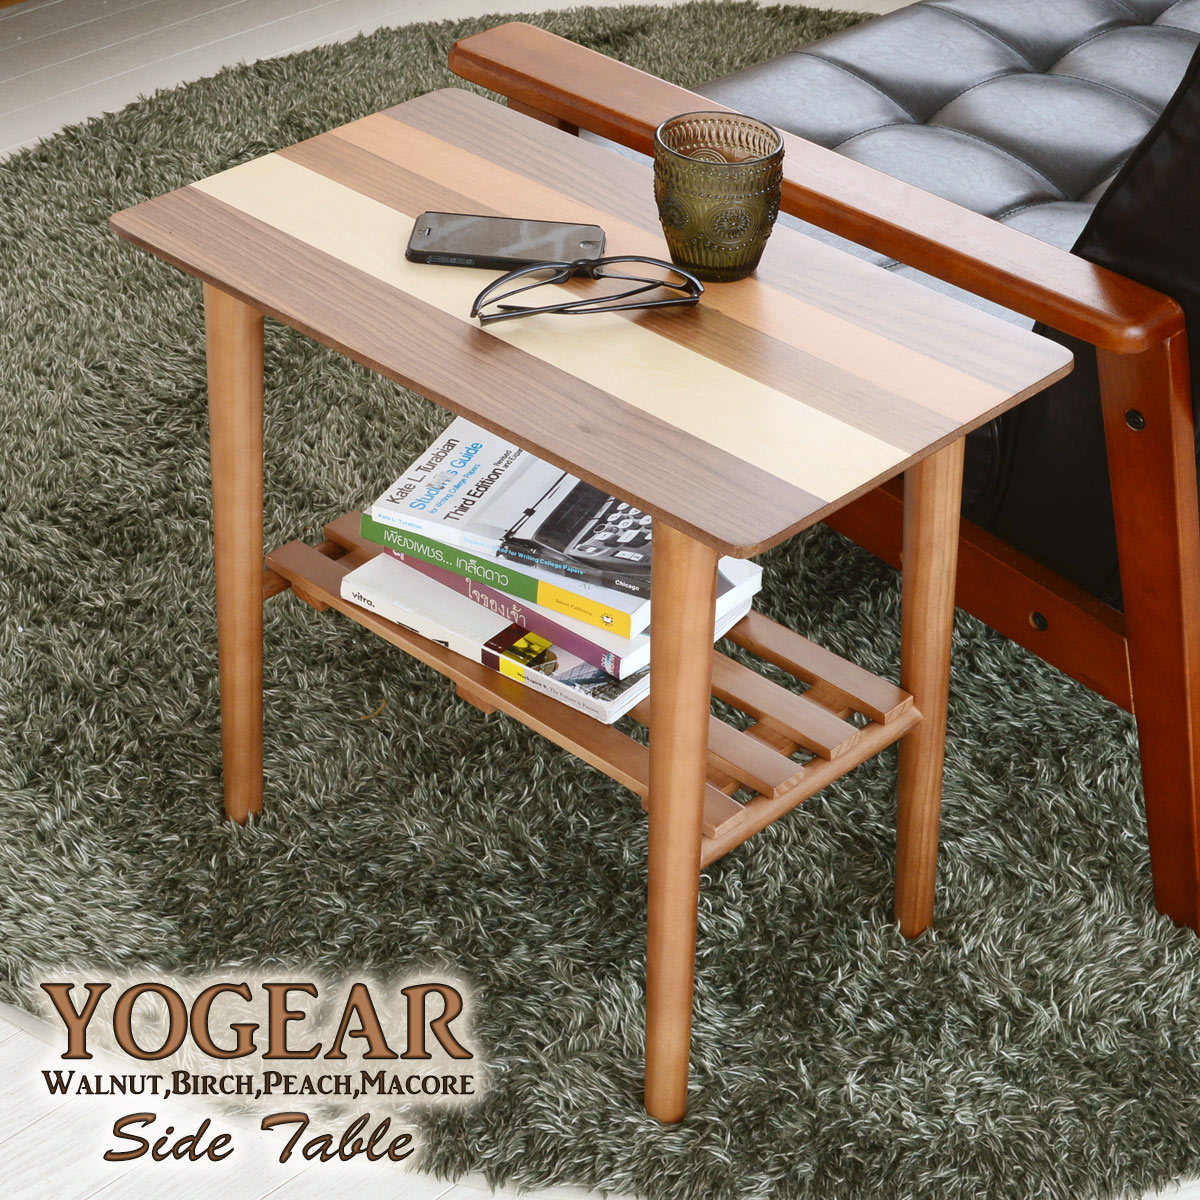 サイドテーブル 北欧 木製サイドテーブル 木製 テーブル リビングテーブル センターテーブル ローテーブル ウォールナット 天然木 おしゃれ 可愛い